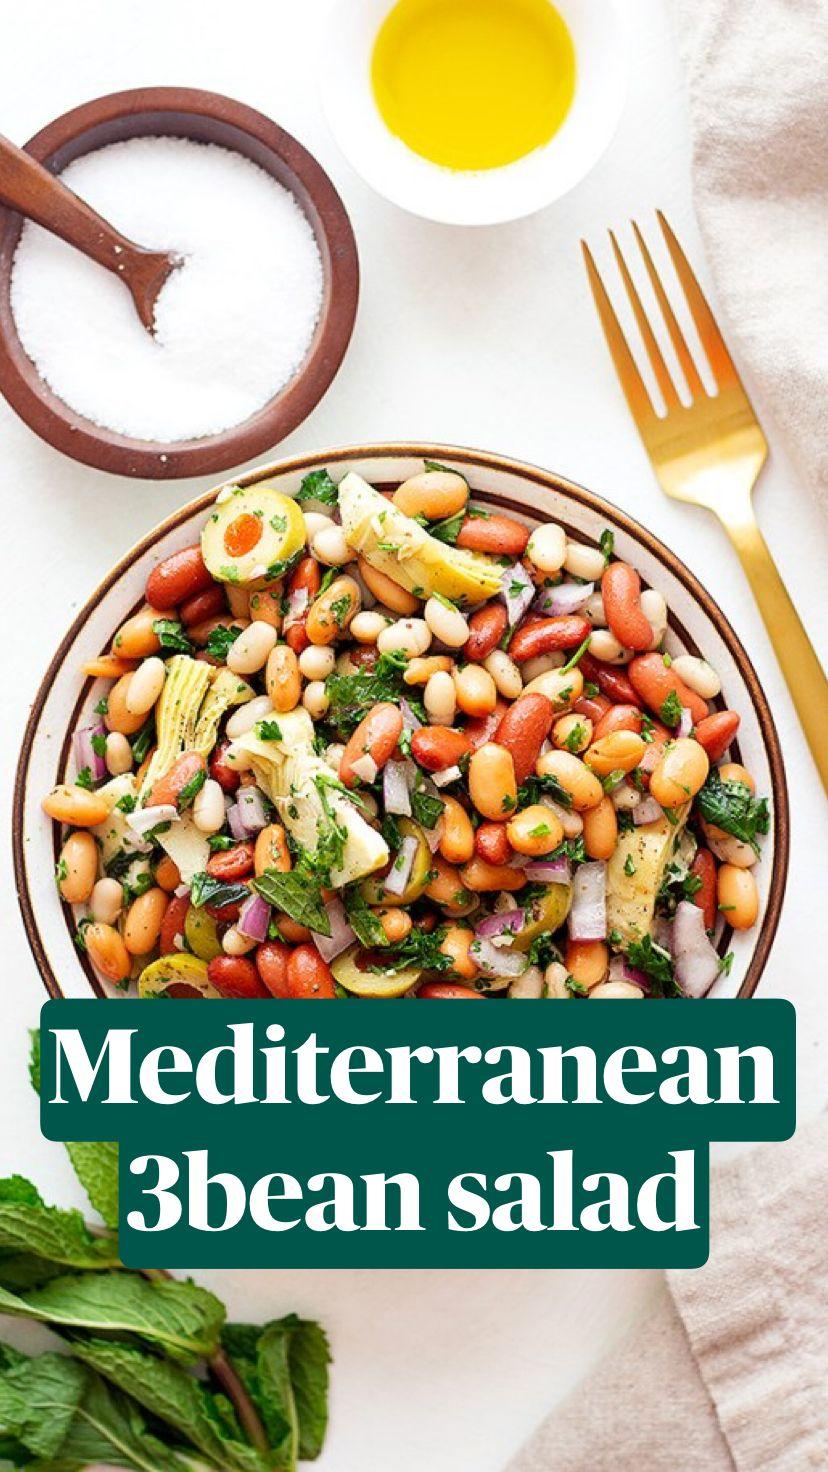 Mediterranean 3bean salad